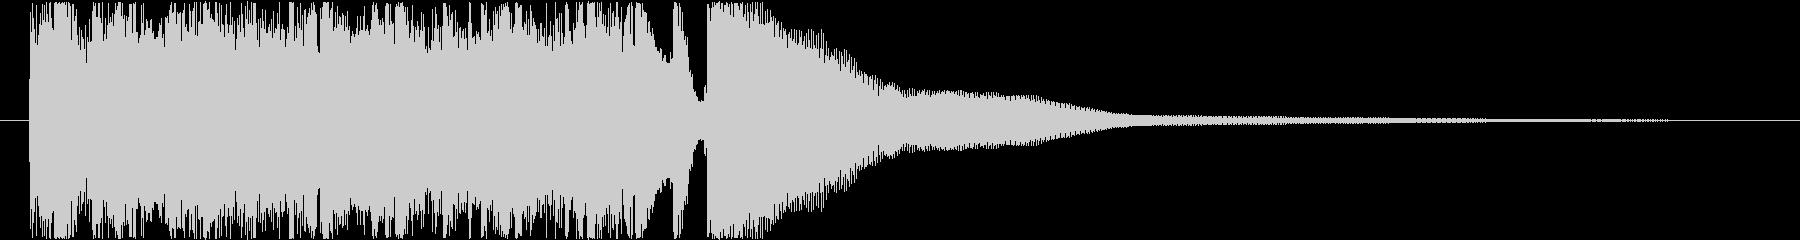 【生演奏】爽やかな朝のアコギジングルの未再生の波形